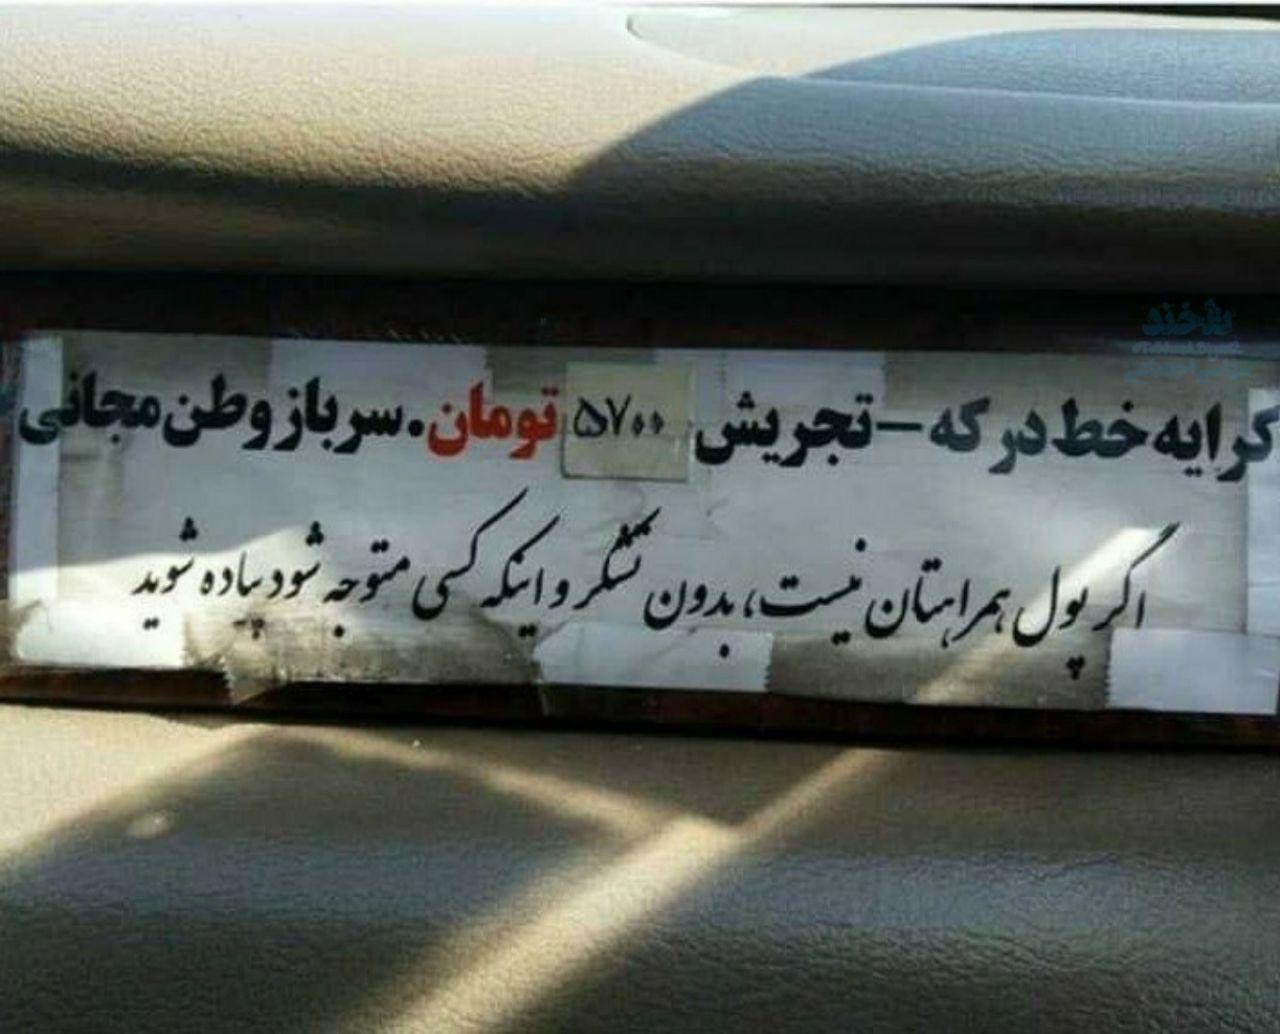 کار خوب راننده تاکسی تهرانی +عکس